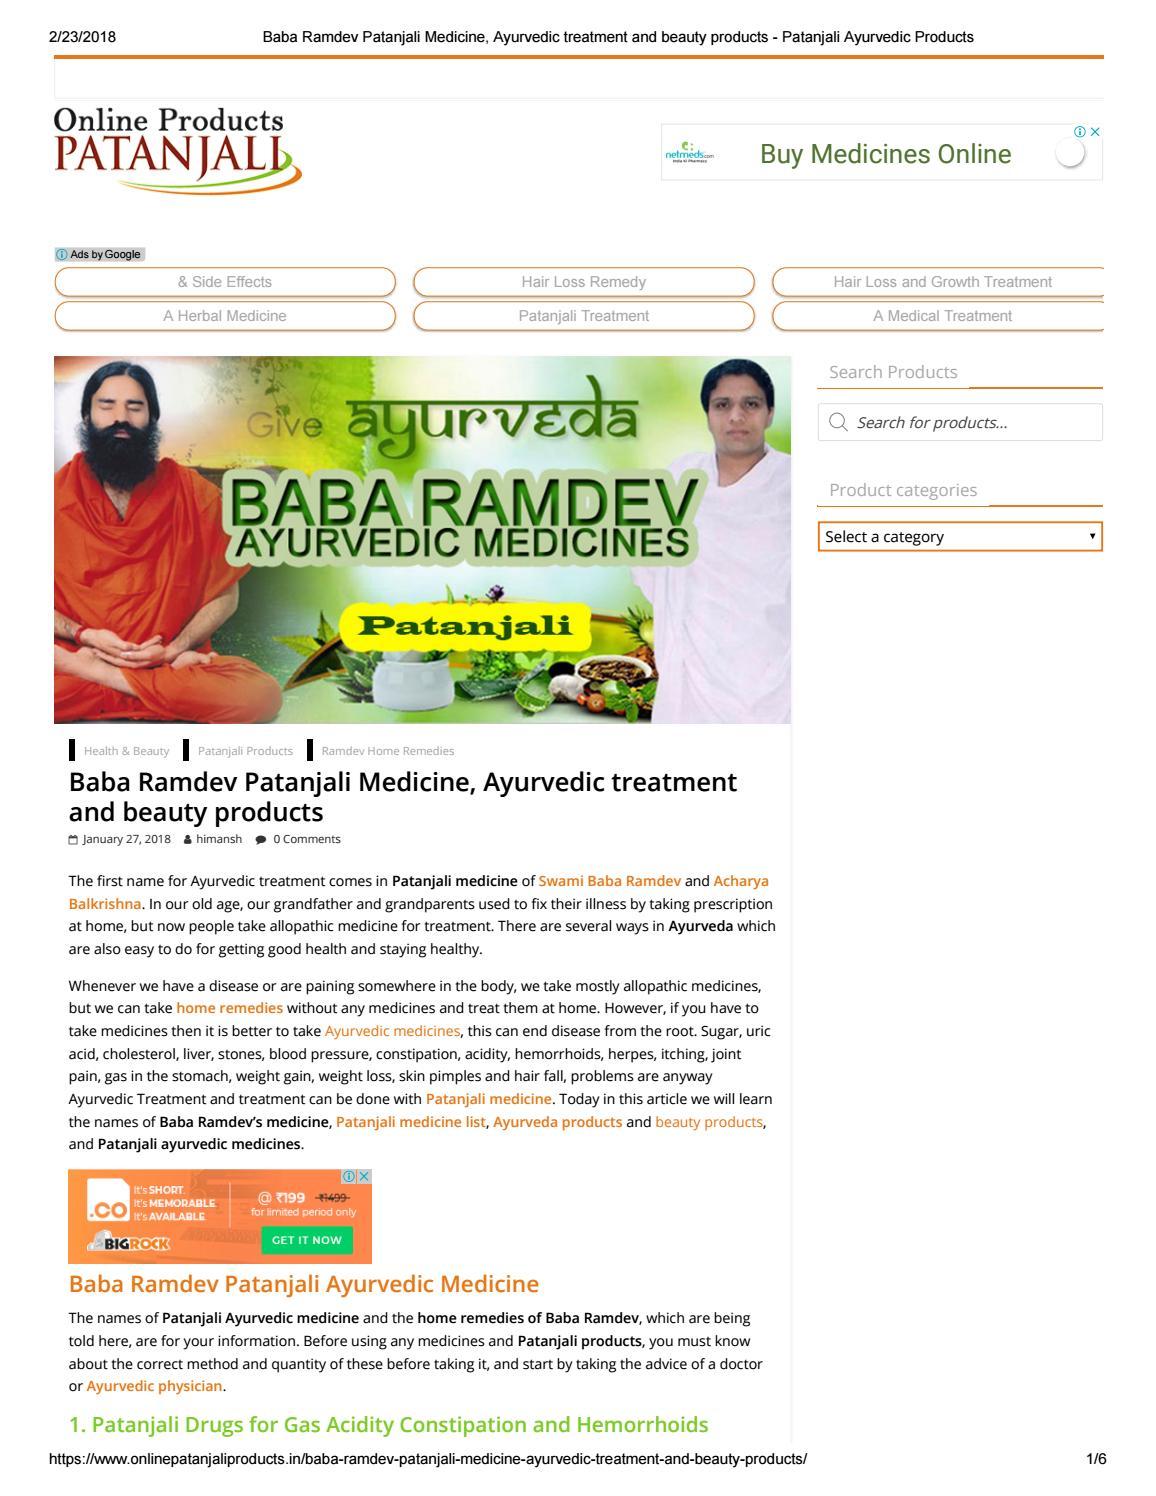 Baba ramdev patanjali medicine, ayurvedic treatment and